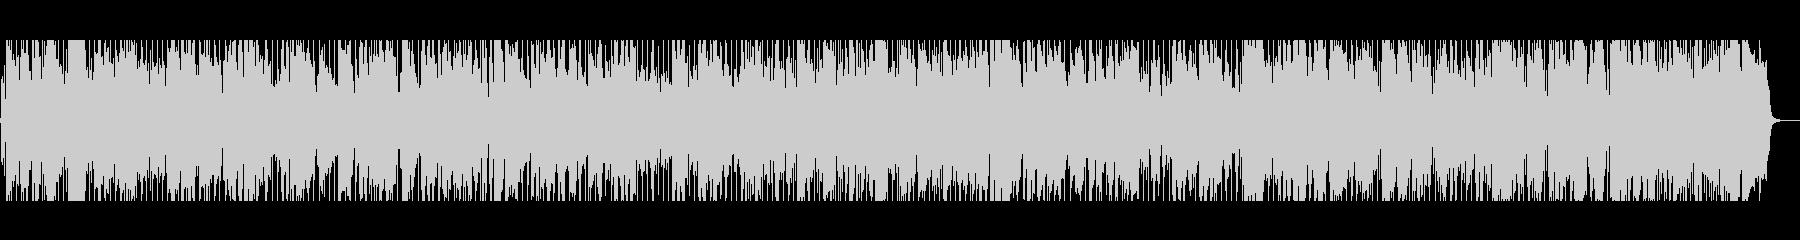 モダンブルーススタイルのブルースの未再生の波形